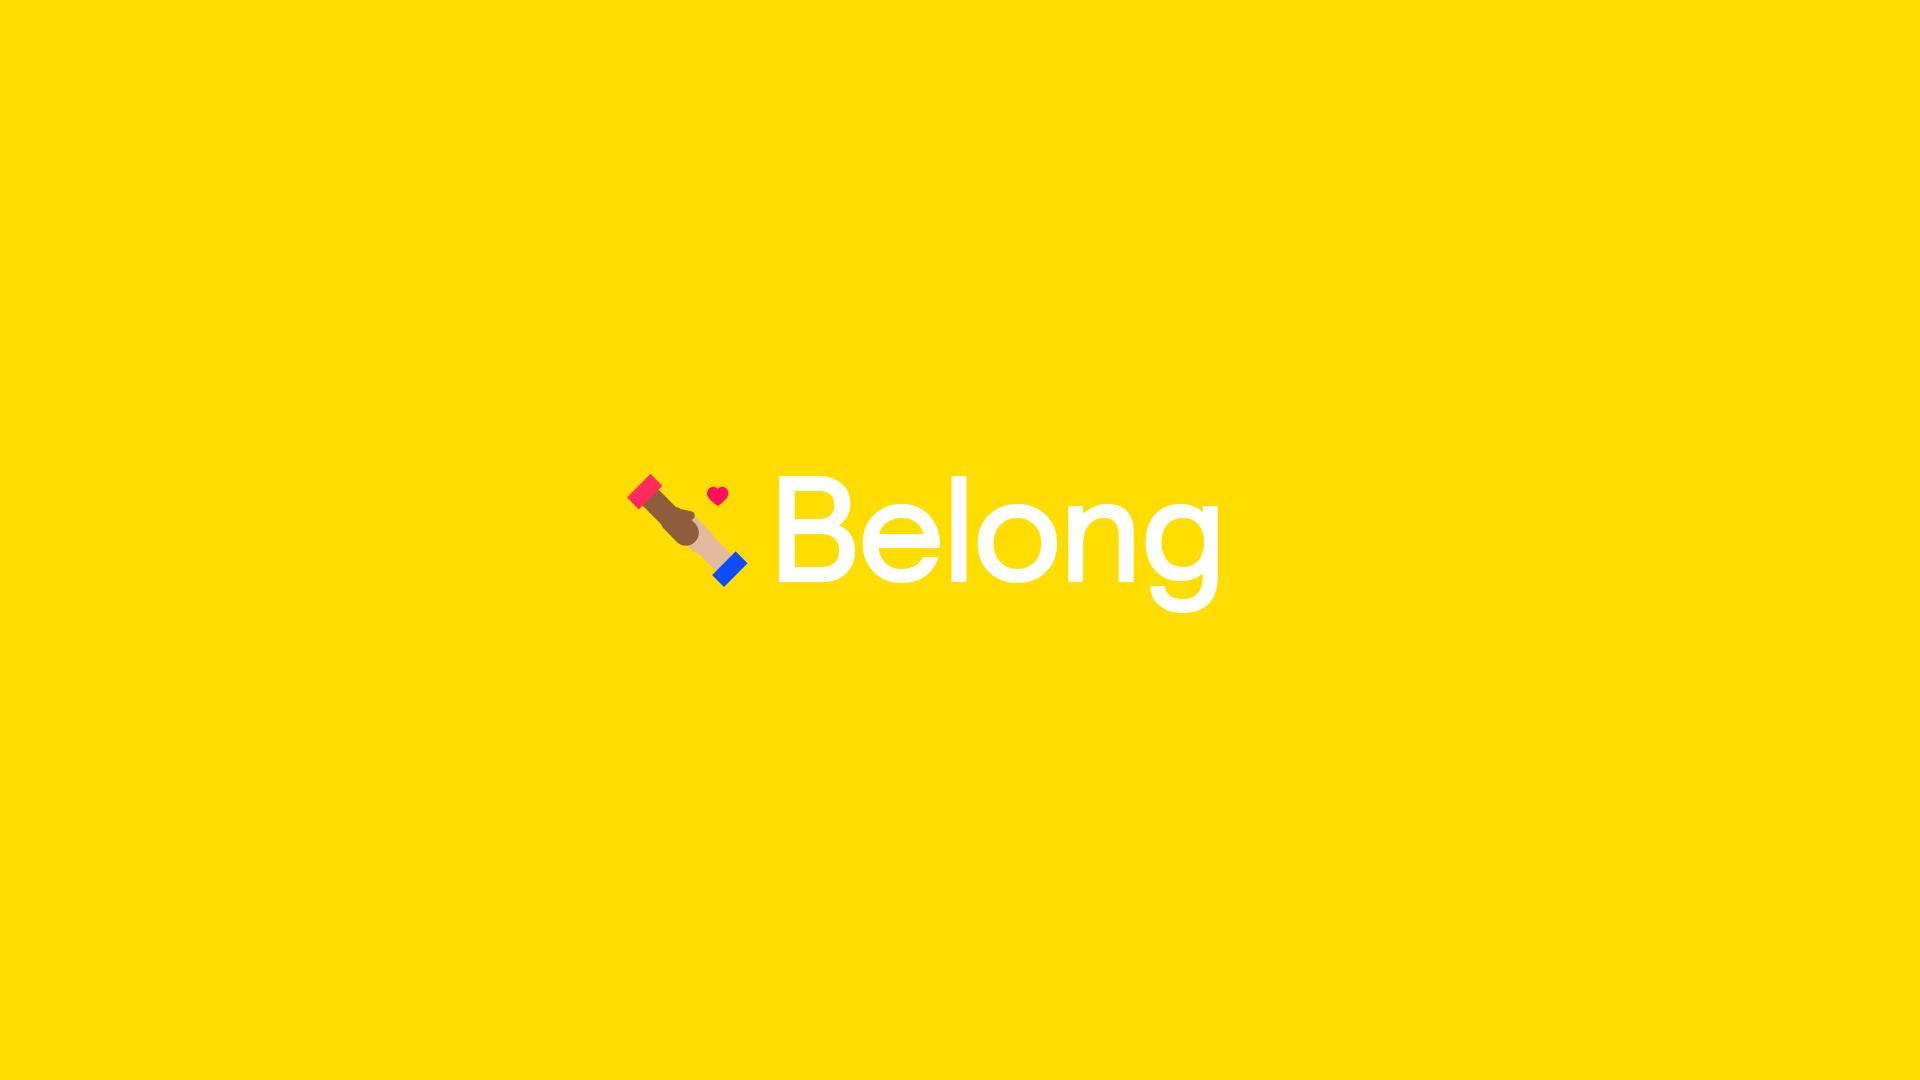 Belong_1920x1080